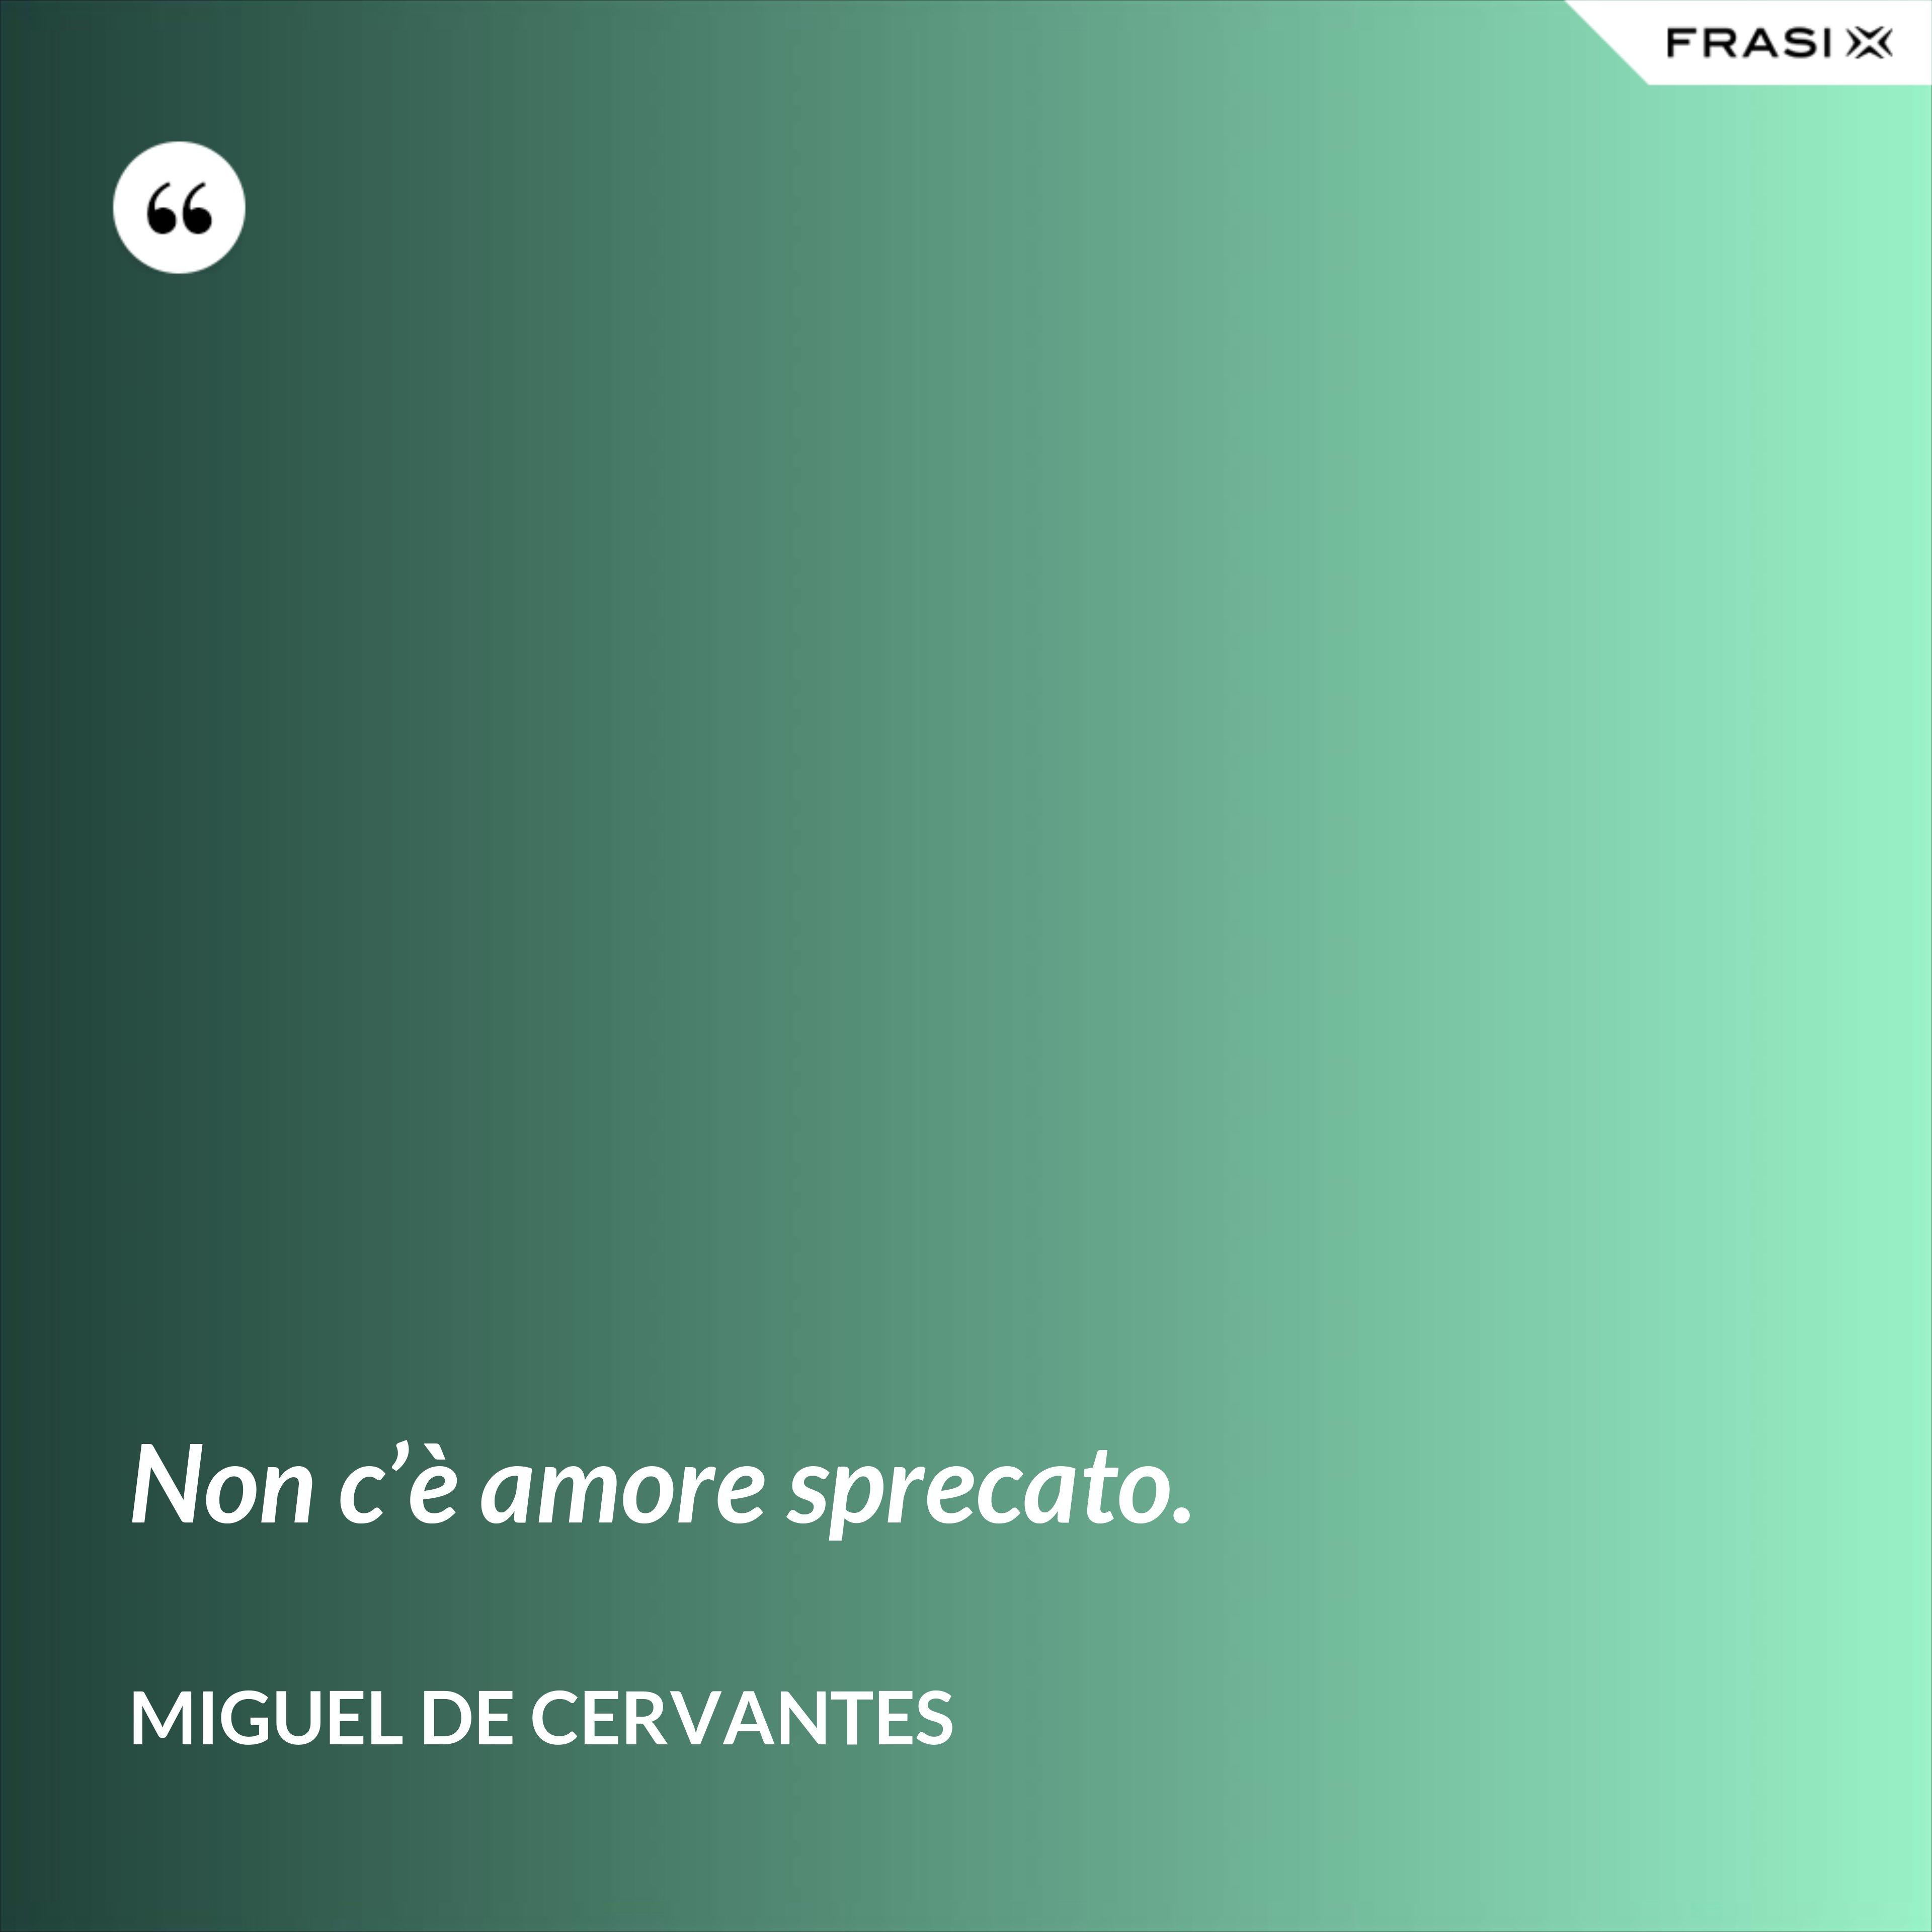 Non c'è amore sprecato. - Miguel de Cervantes